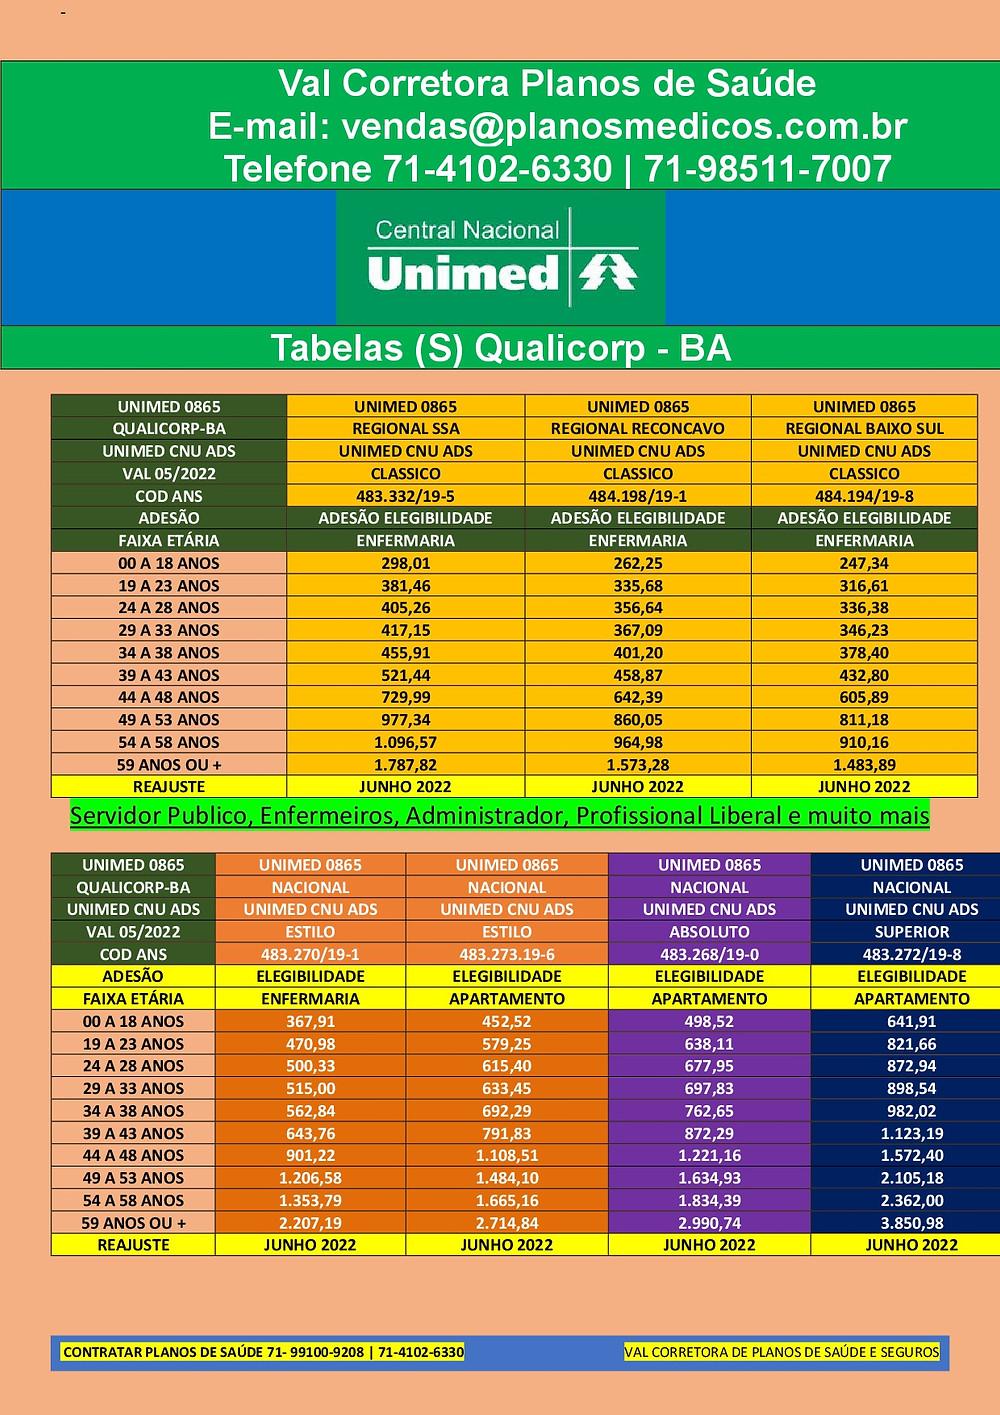 tabelas de preços planos de saude